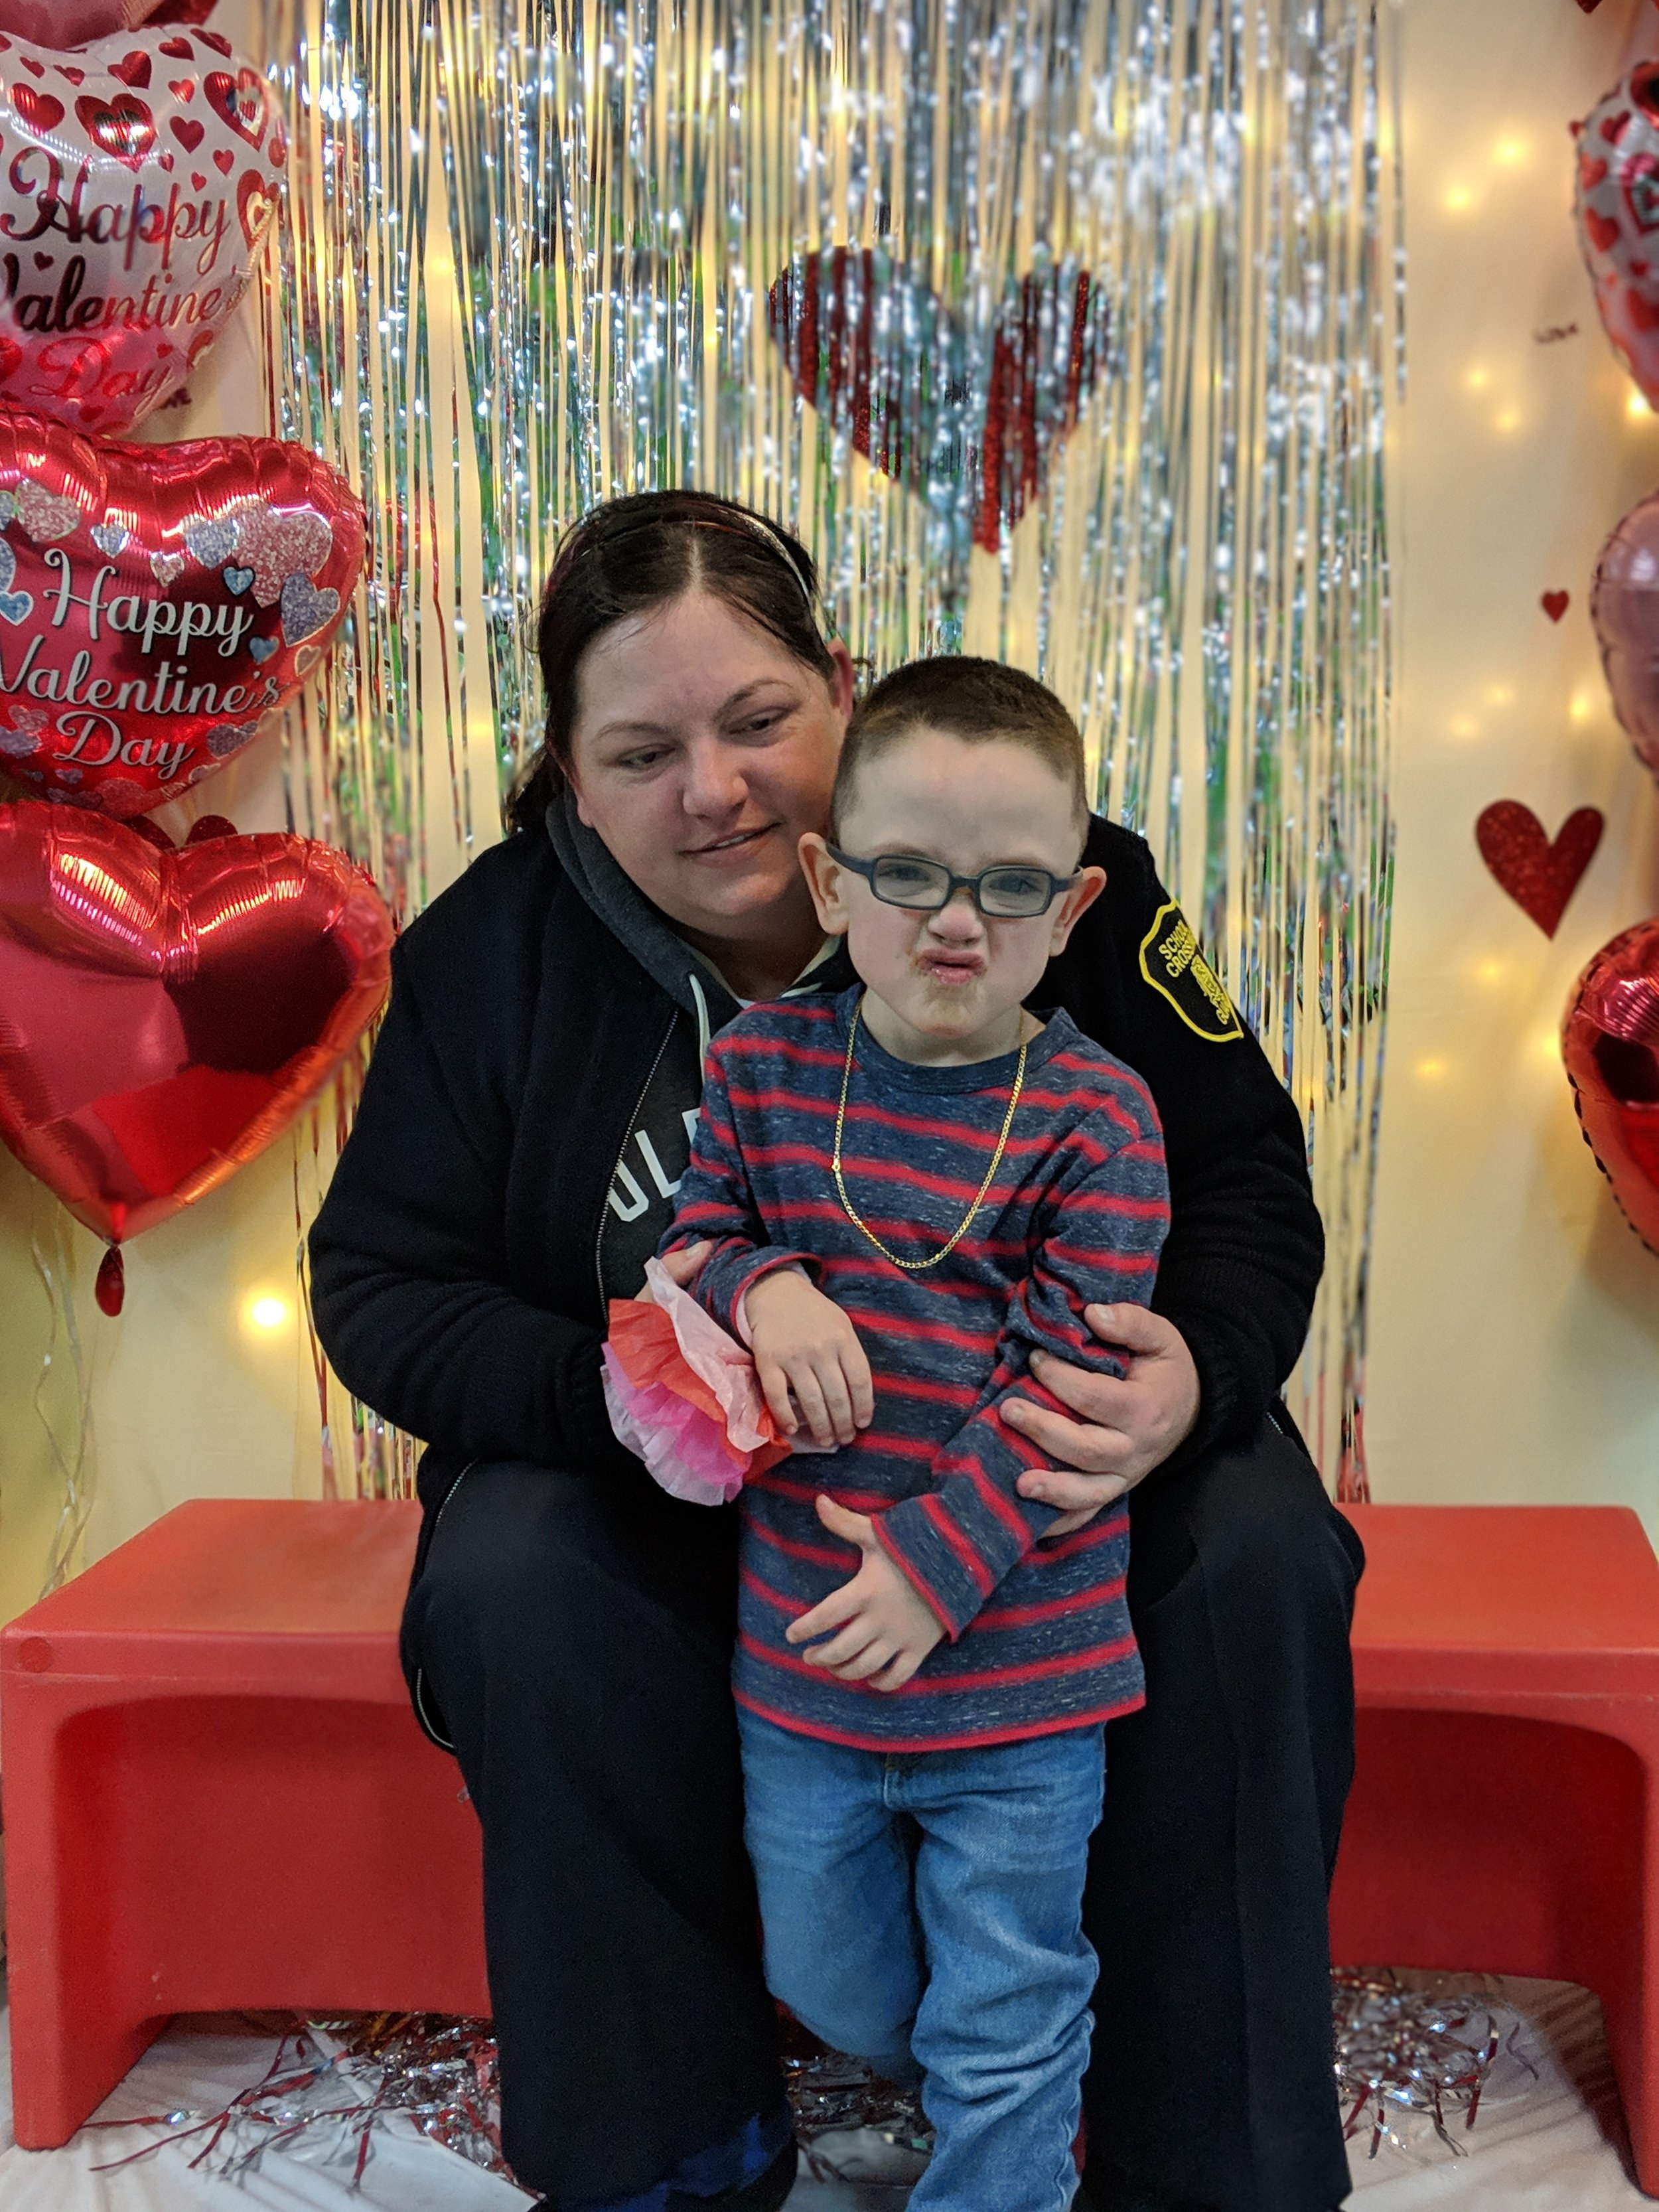 Valentines Day Celebration 6.jpg